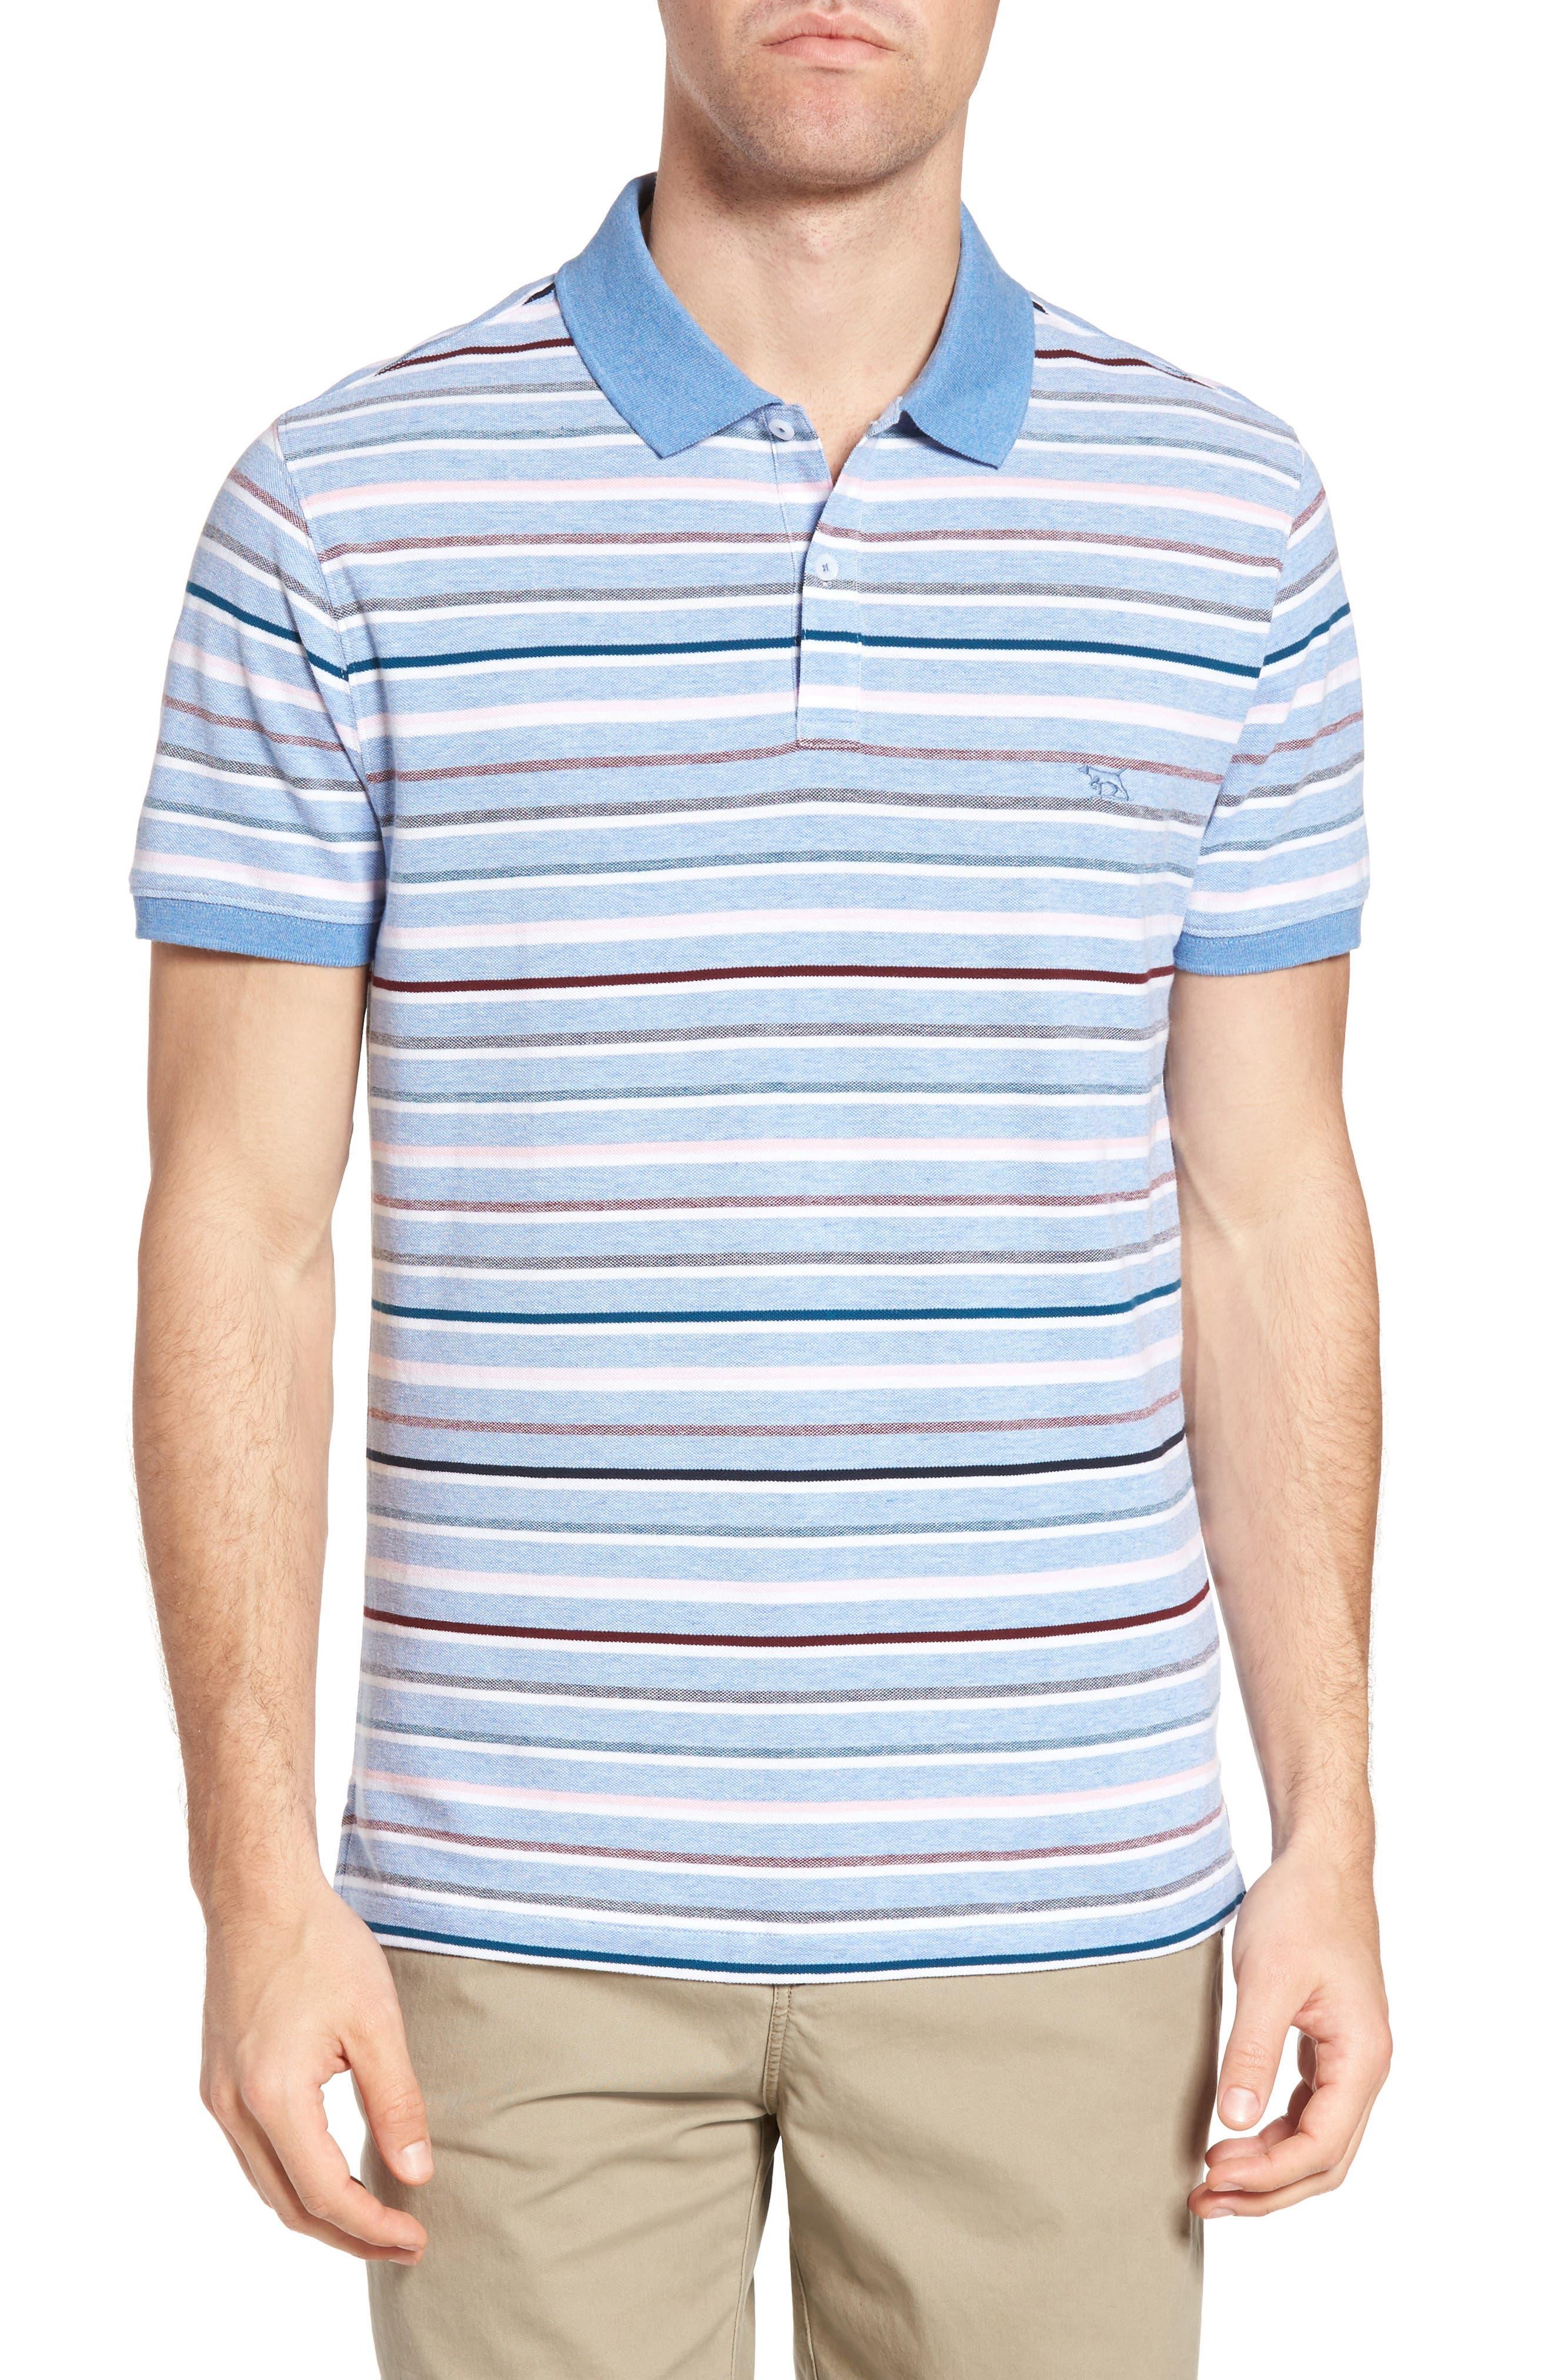 Rodd & Gunn Gowan Hill Sports Fit Cotton Polo